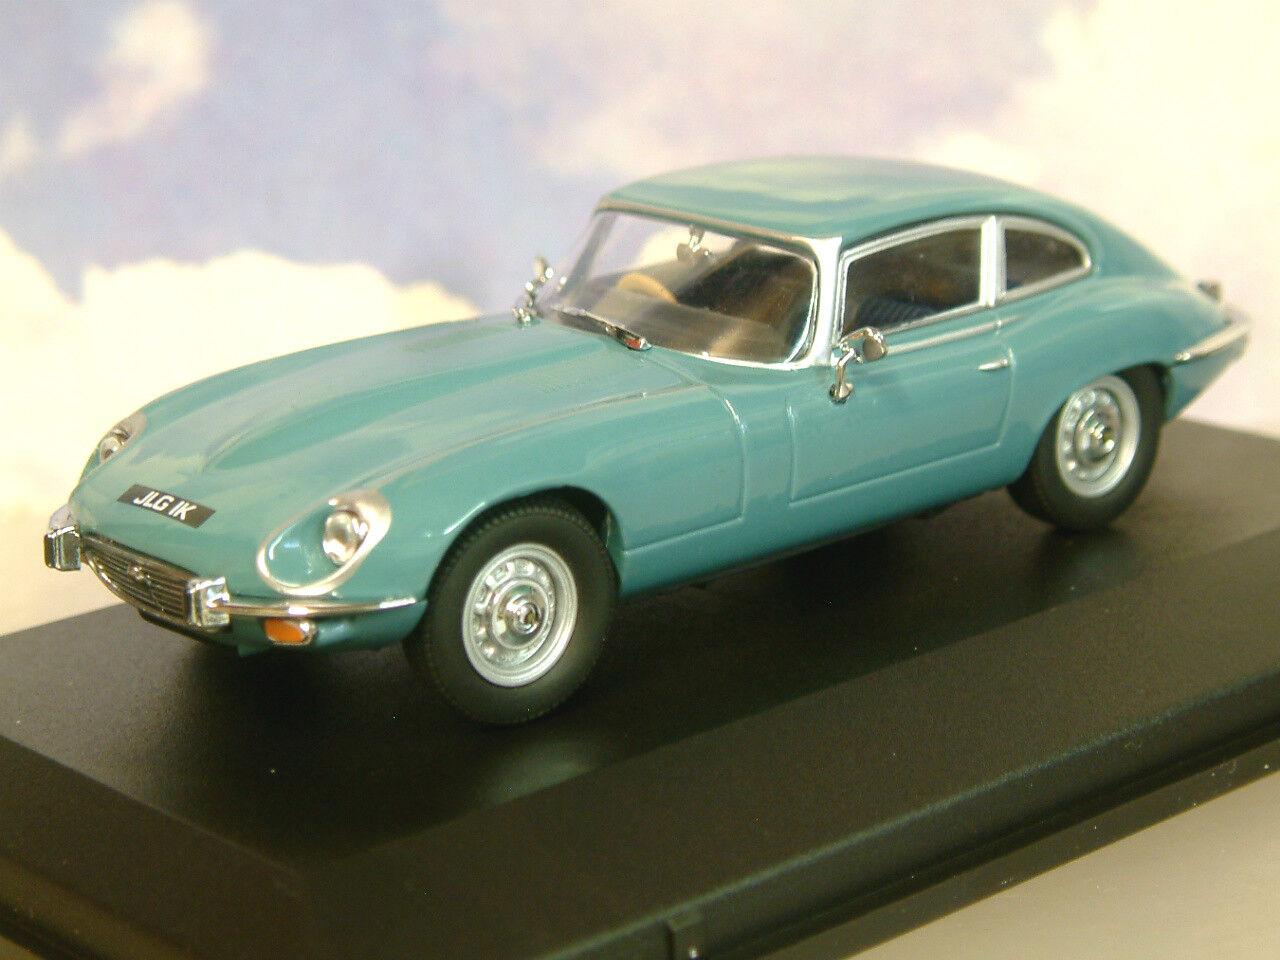 Oxford 1 43 1971-1975 Jaguar V12 E-Typ Serie 3 III III III Coupe Hellblau Jagv12001  | Günstig  9e7a66